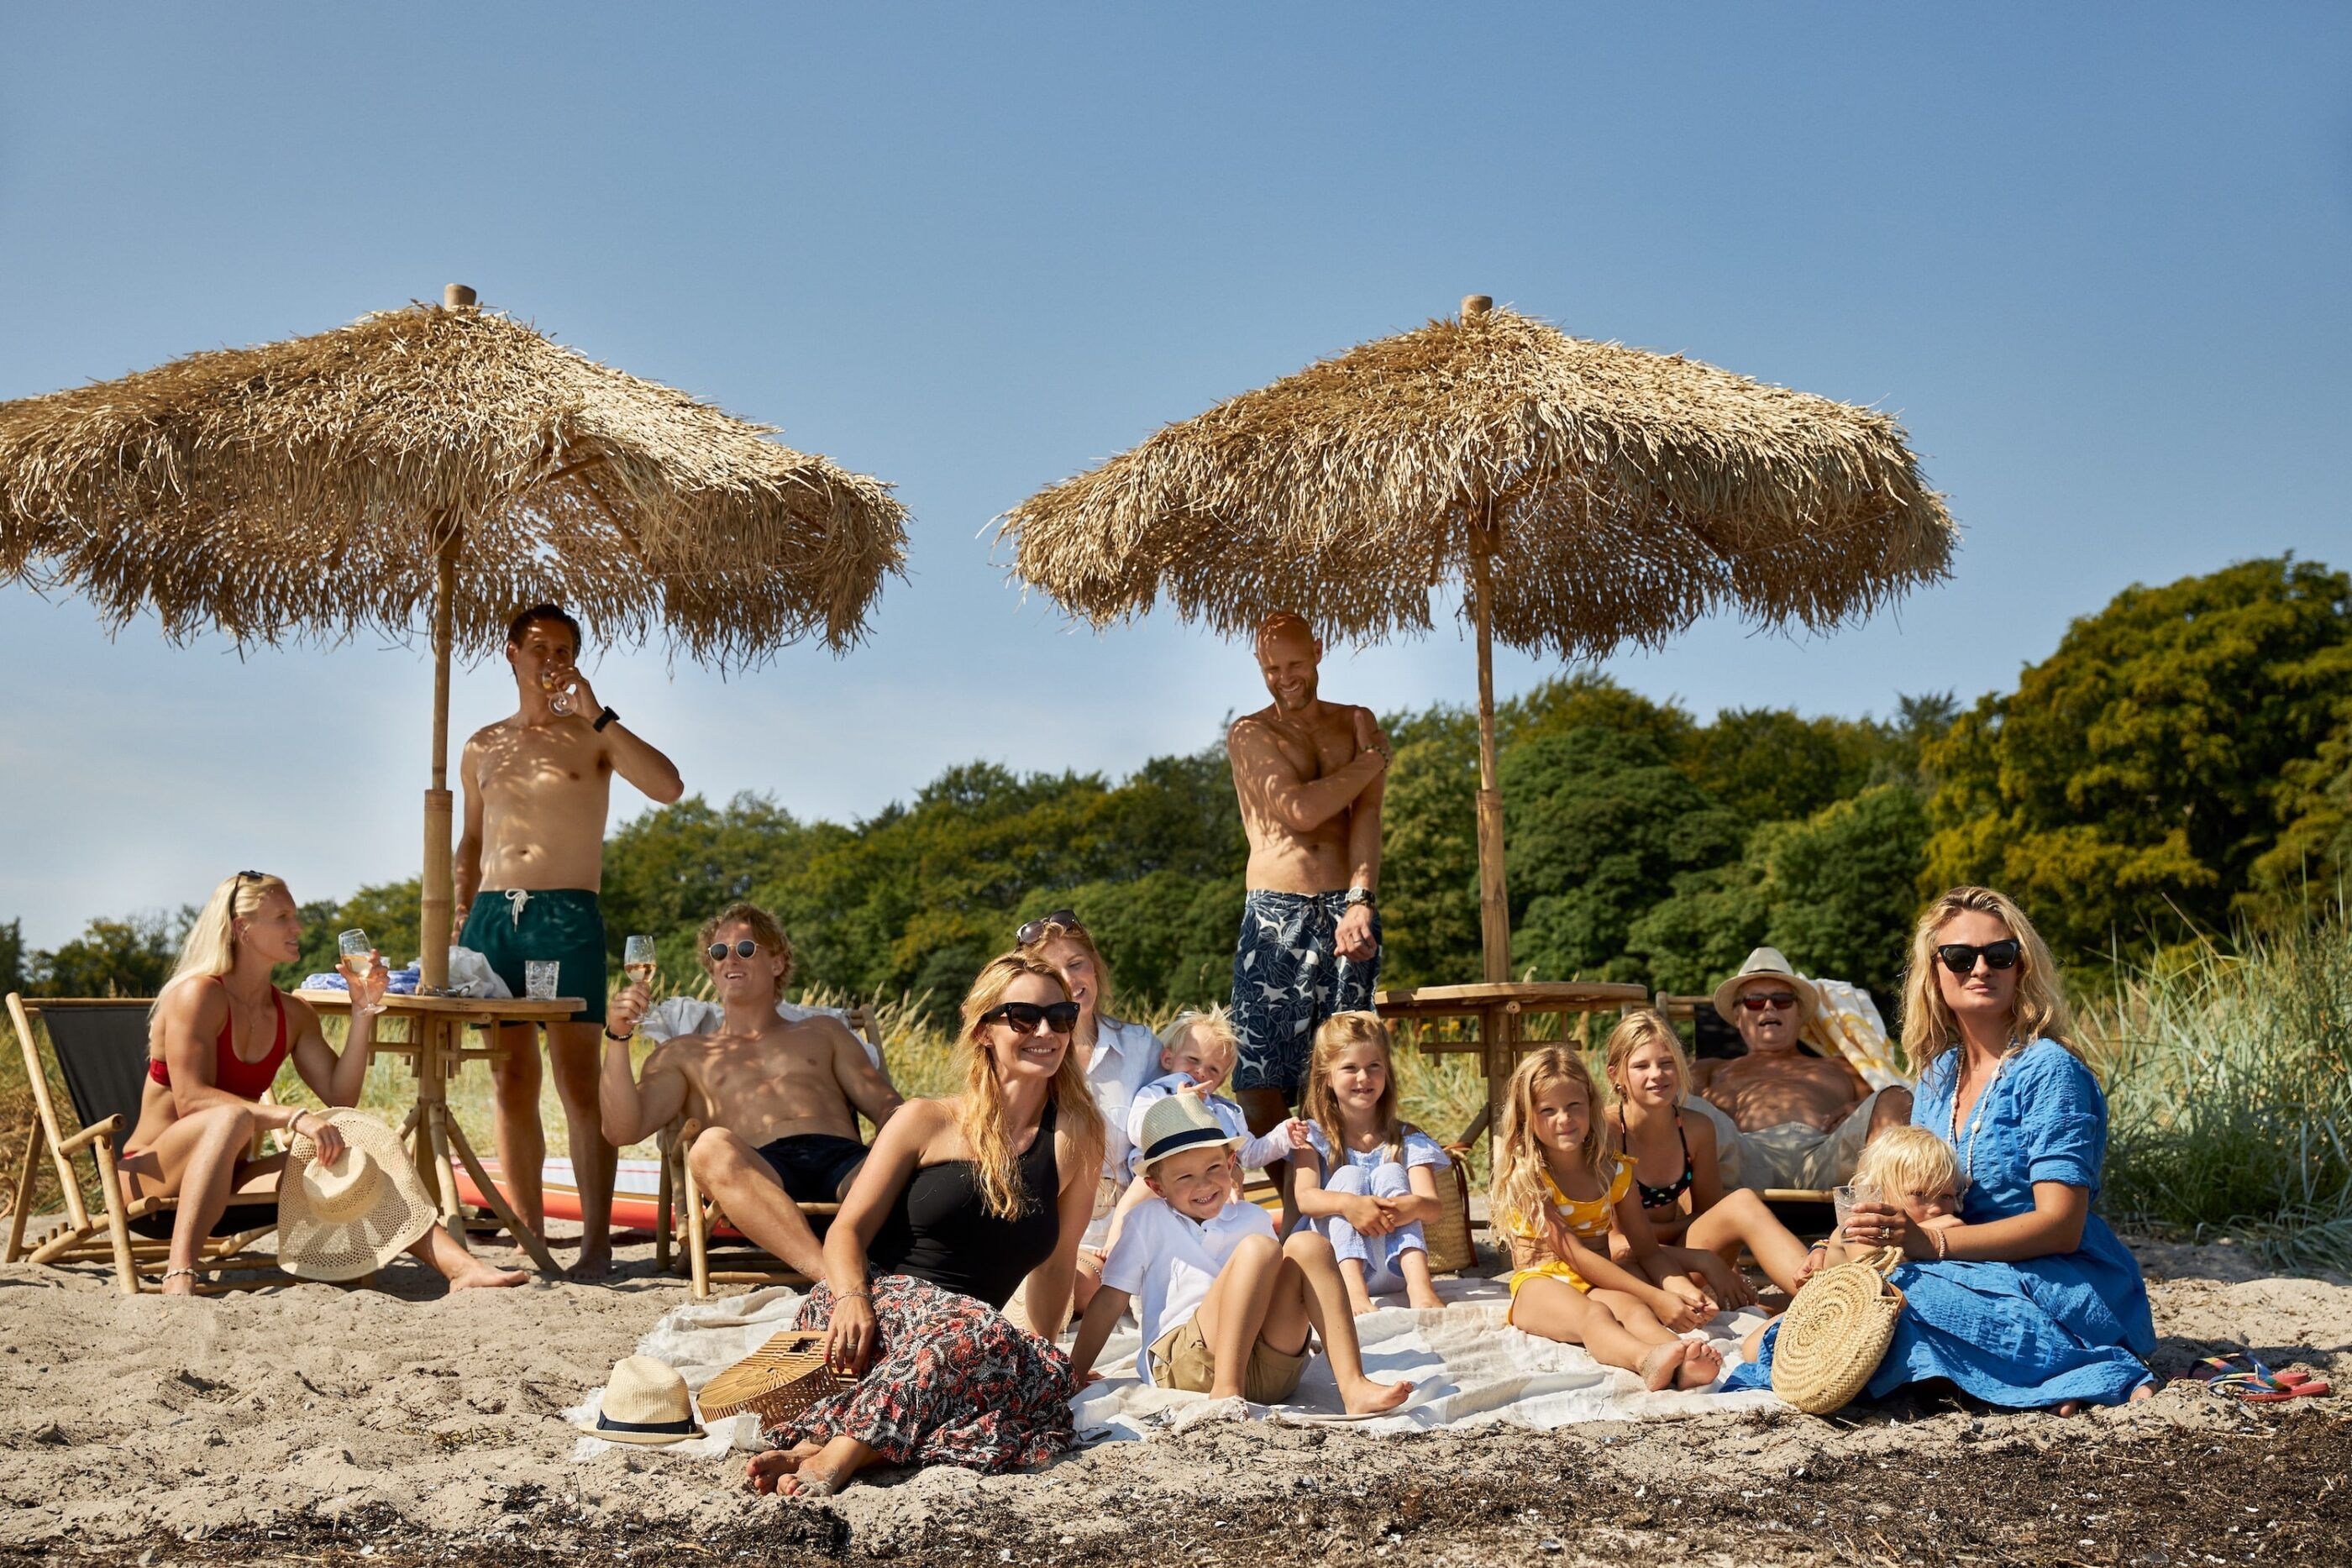 Flere mennesker er samlet på en strand, både børn og voksne, som begge smiler af noget i horizonten